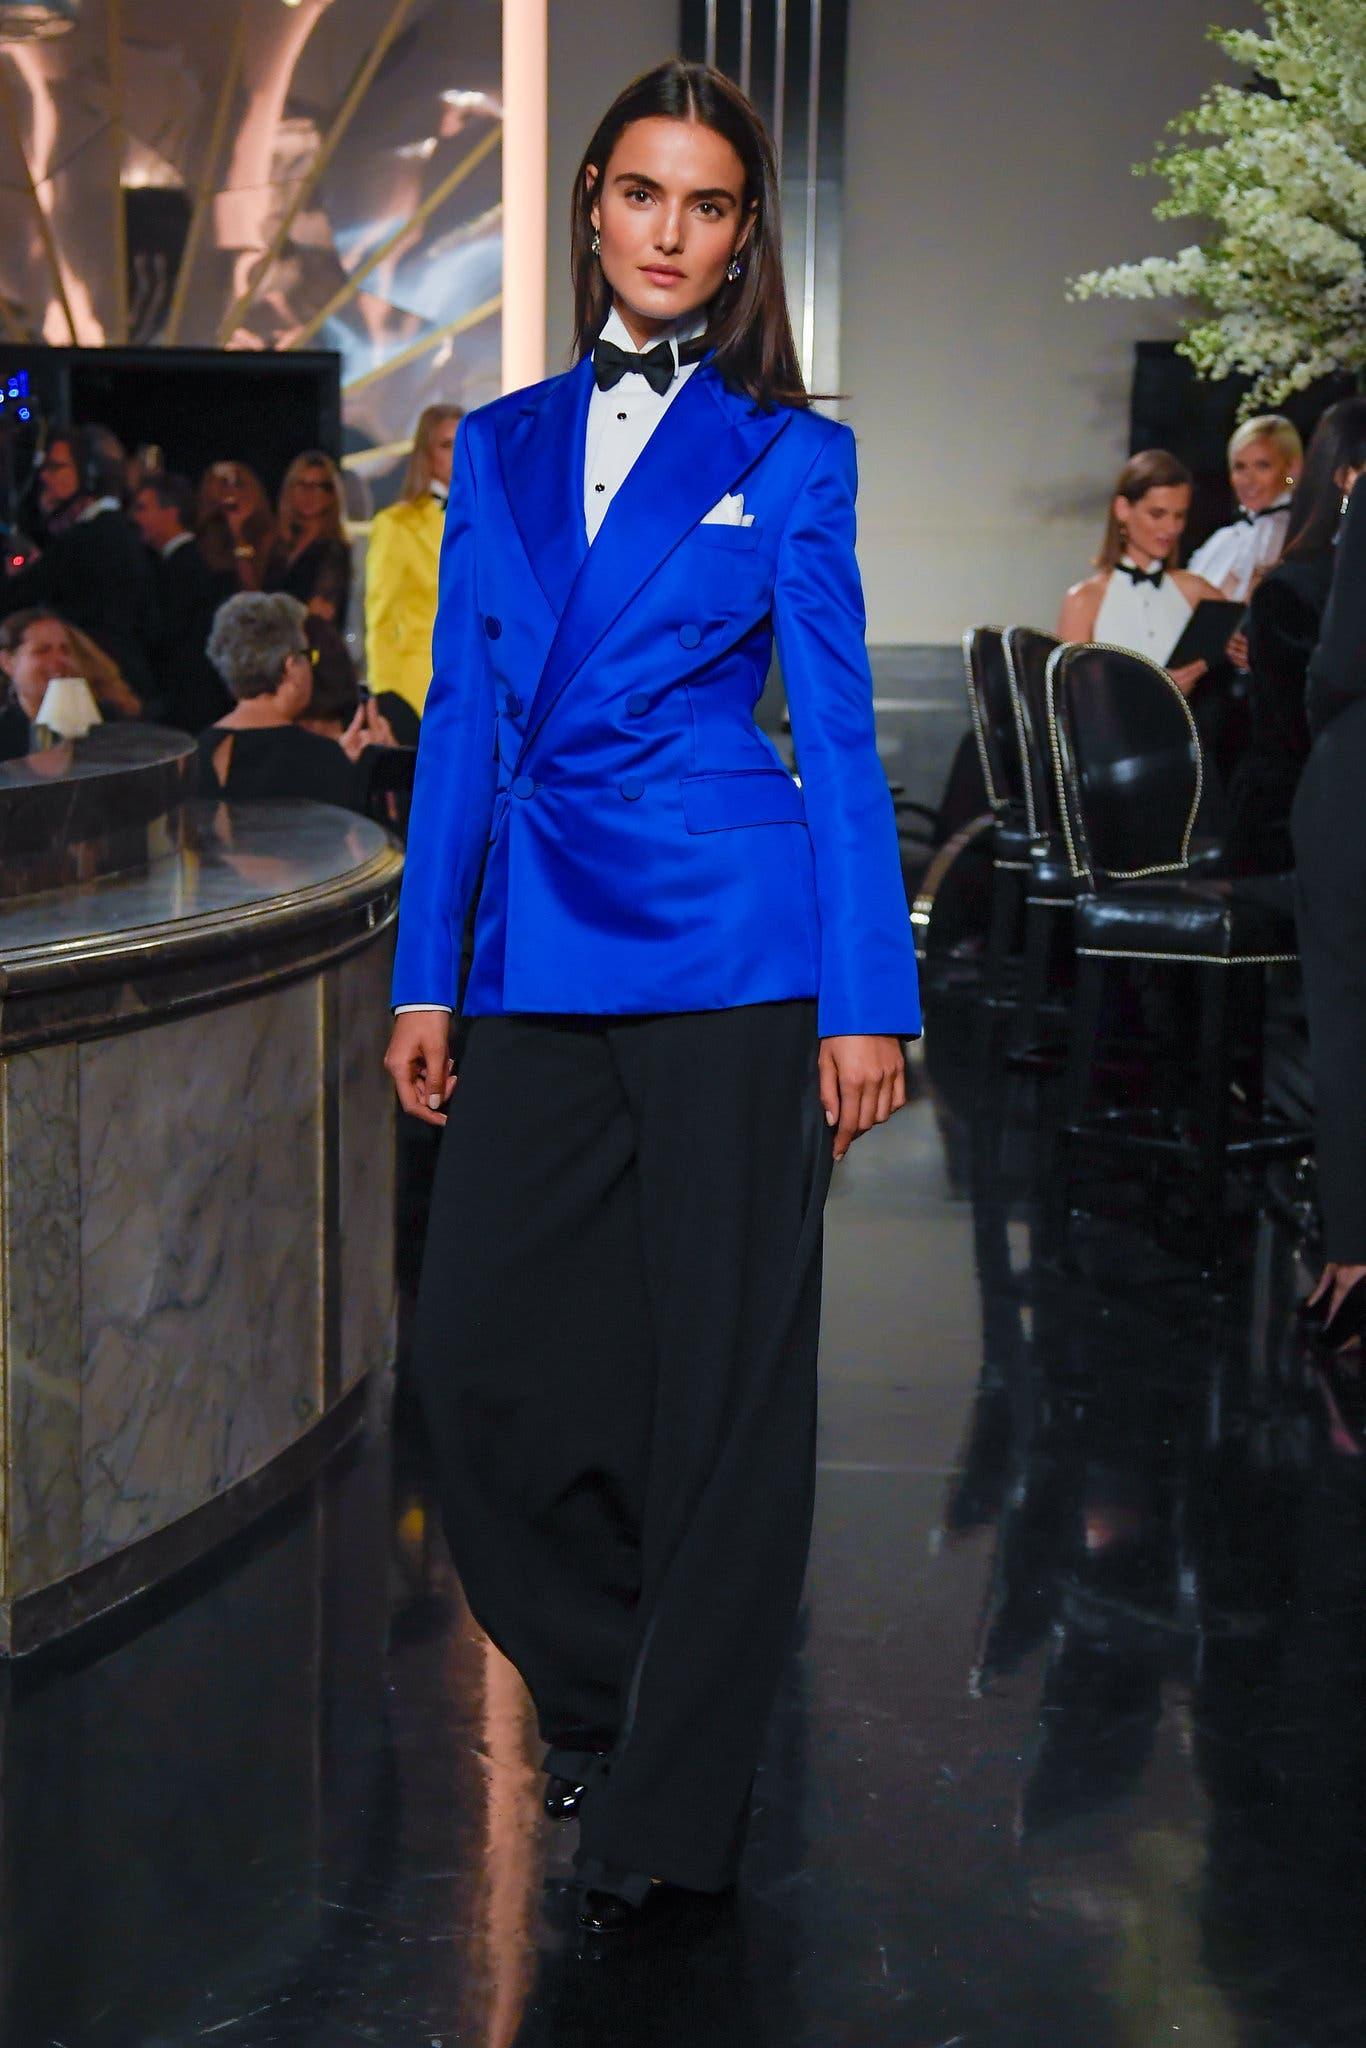 عرض أزياء رالف لورين (6)